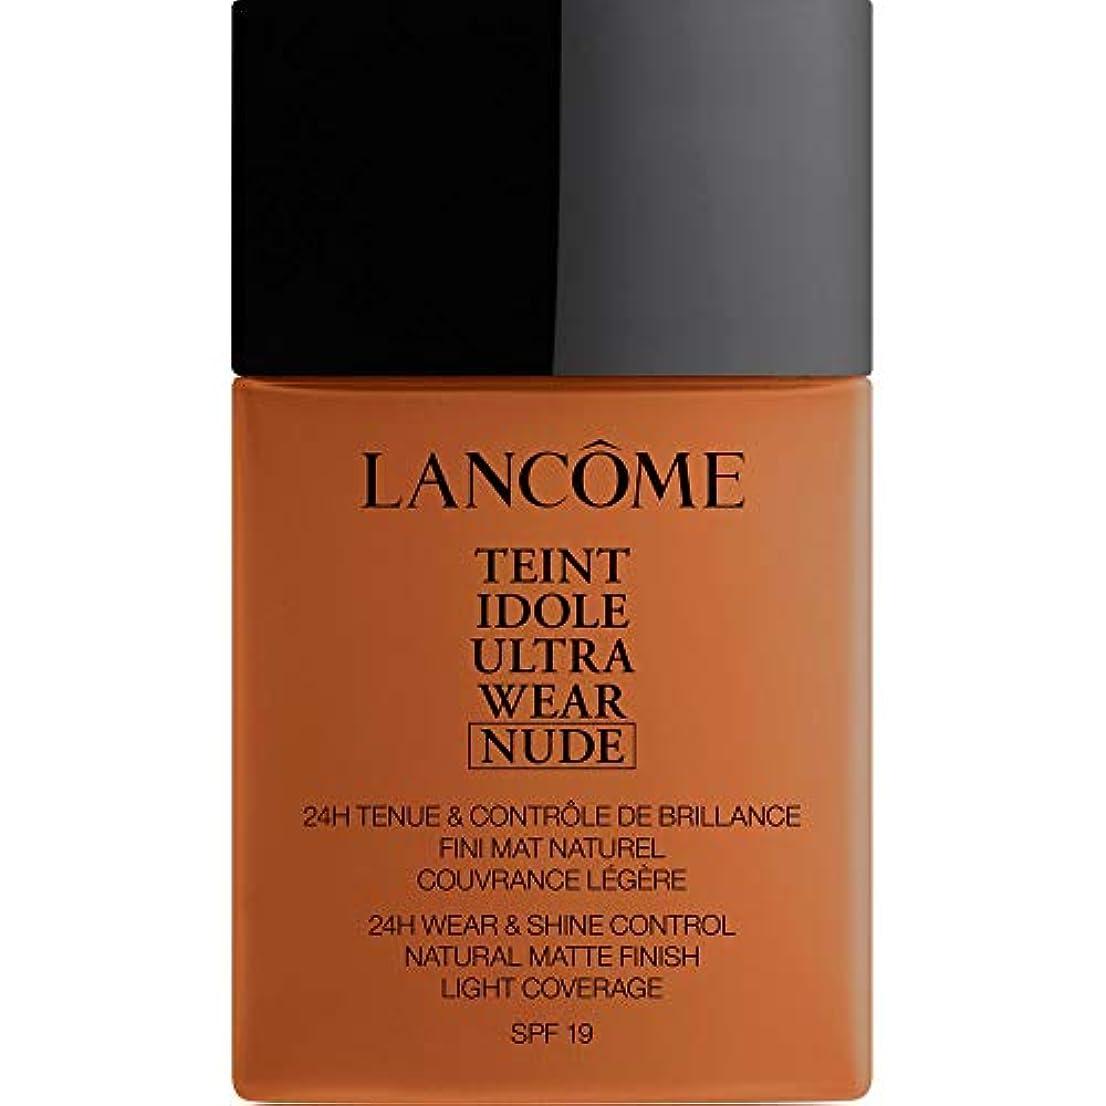 中古頬廃棄する[Lanc?me ] アンブレ - ランコムTeintのIdoleは、超ヌード基礎Spf19の40ミリリットル12を着用します - Lancome Teint Idole Ultra Wear Nude Foundation...